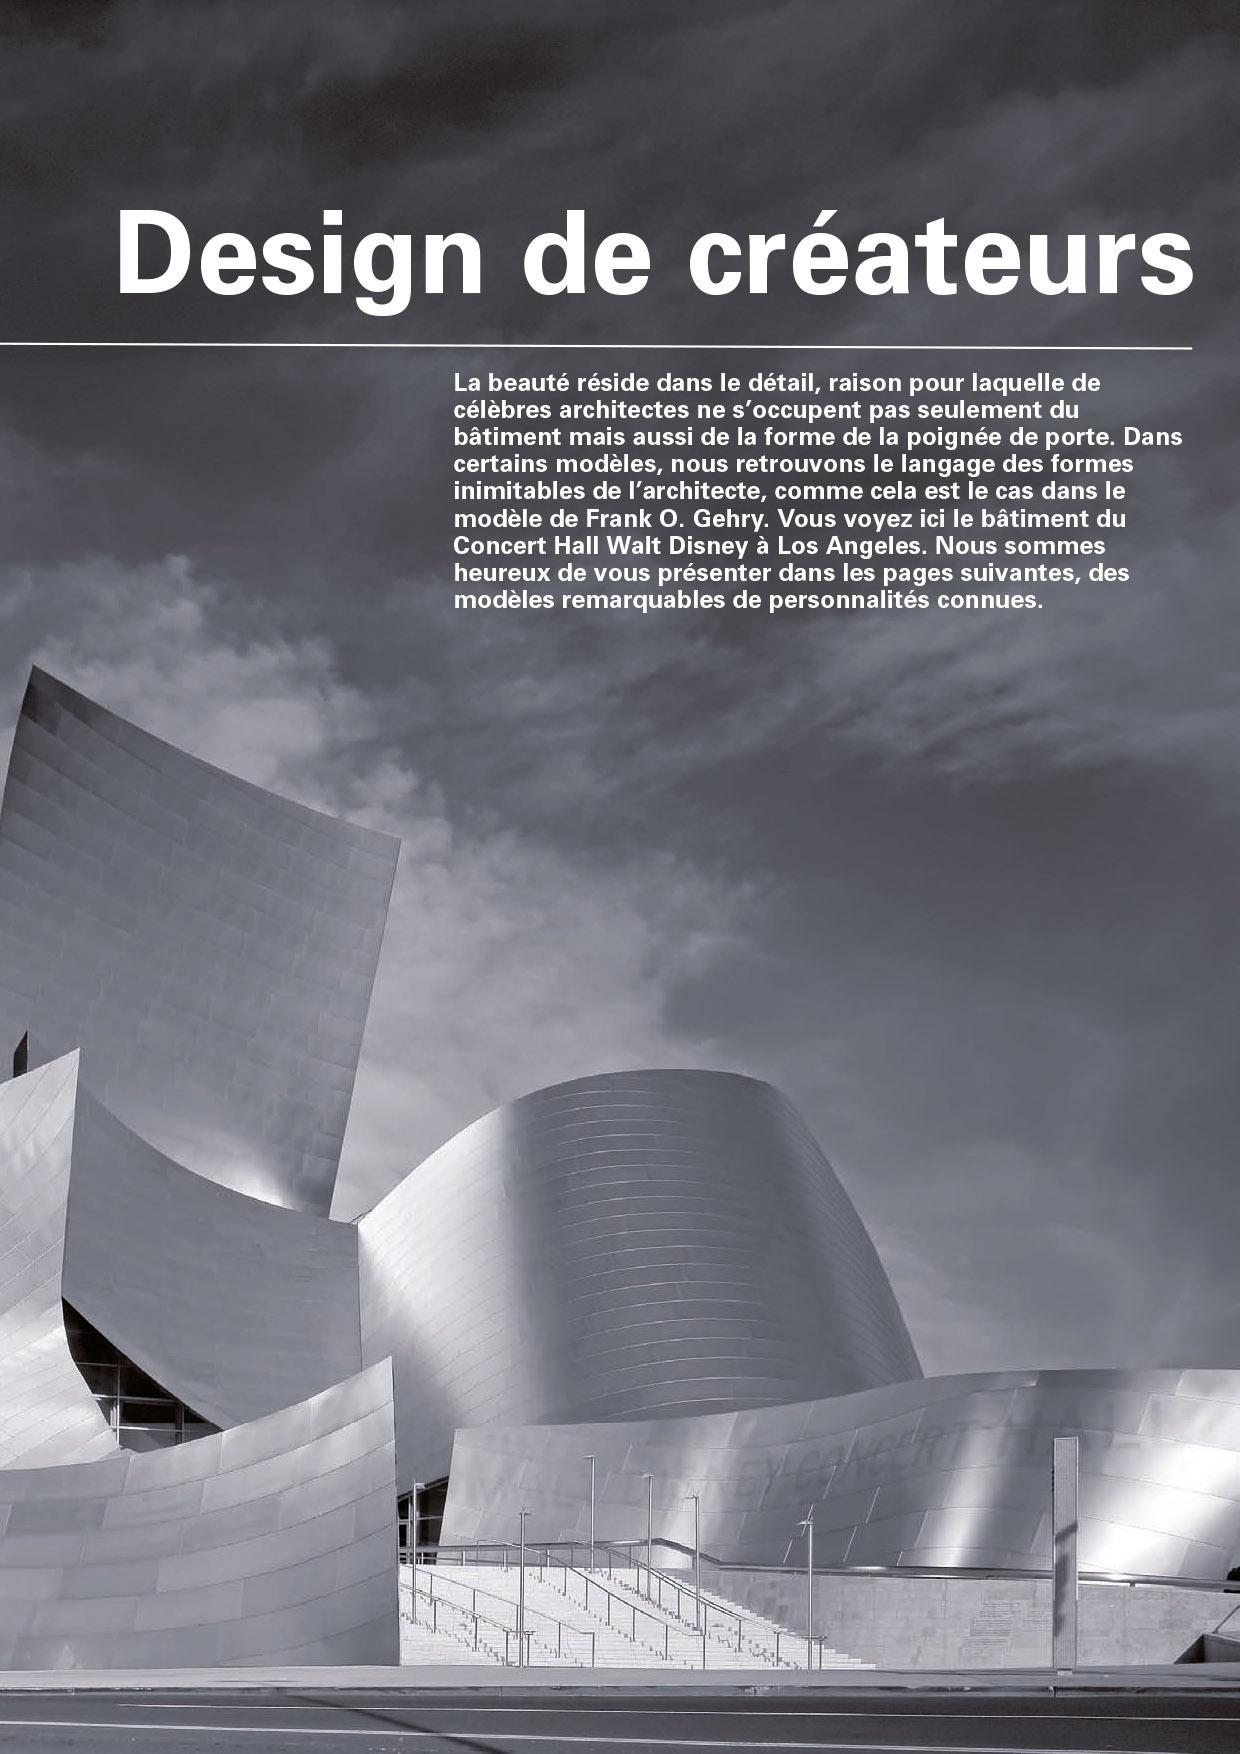 Design de créateurs